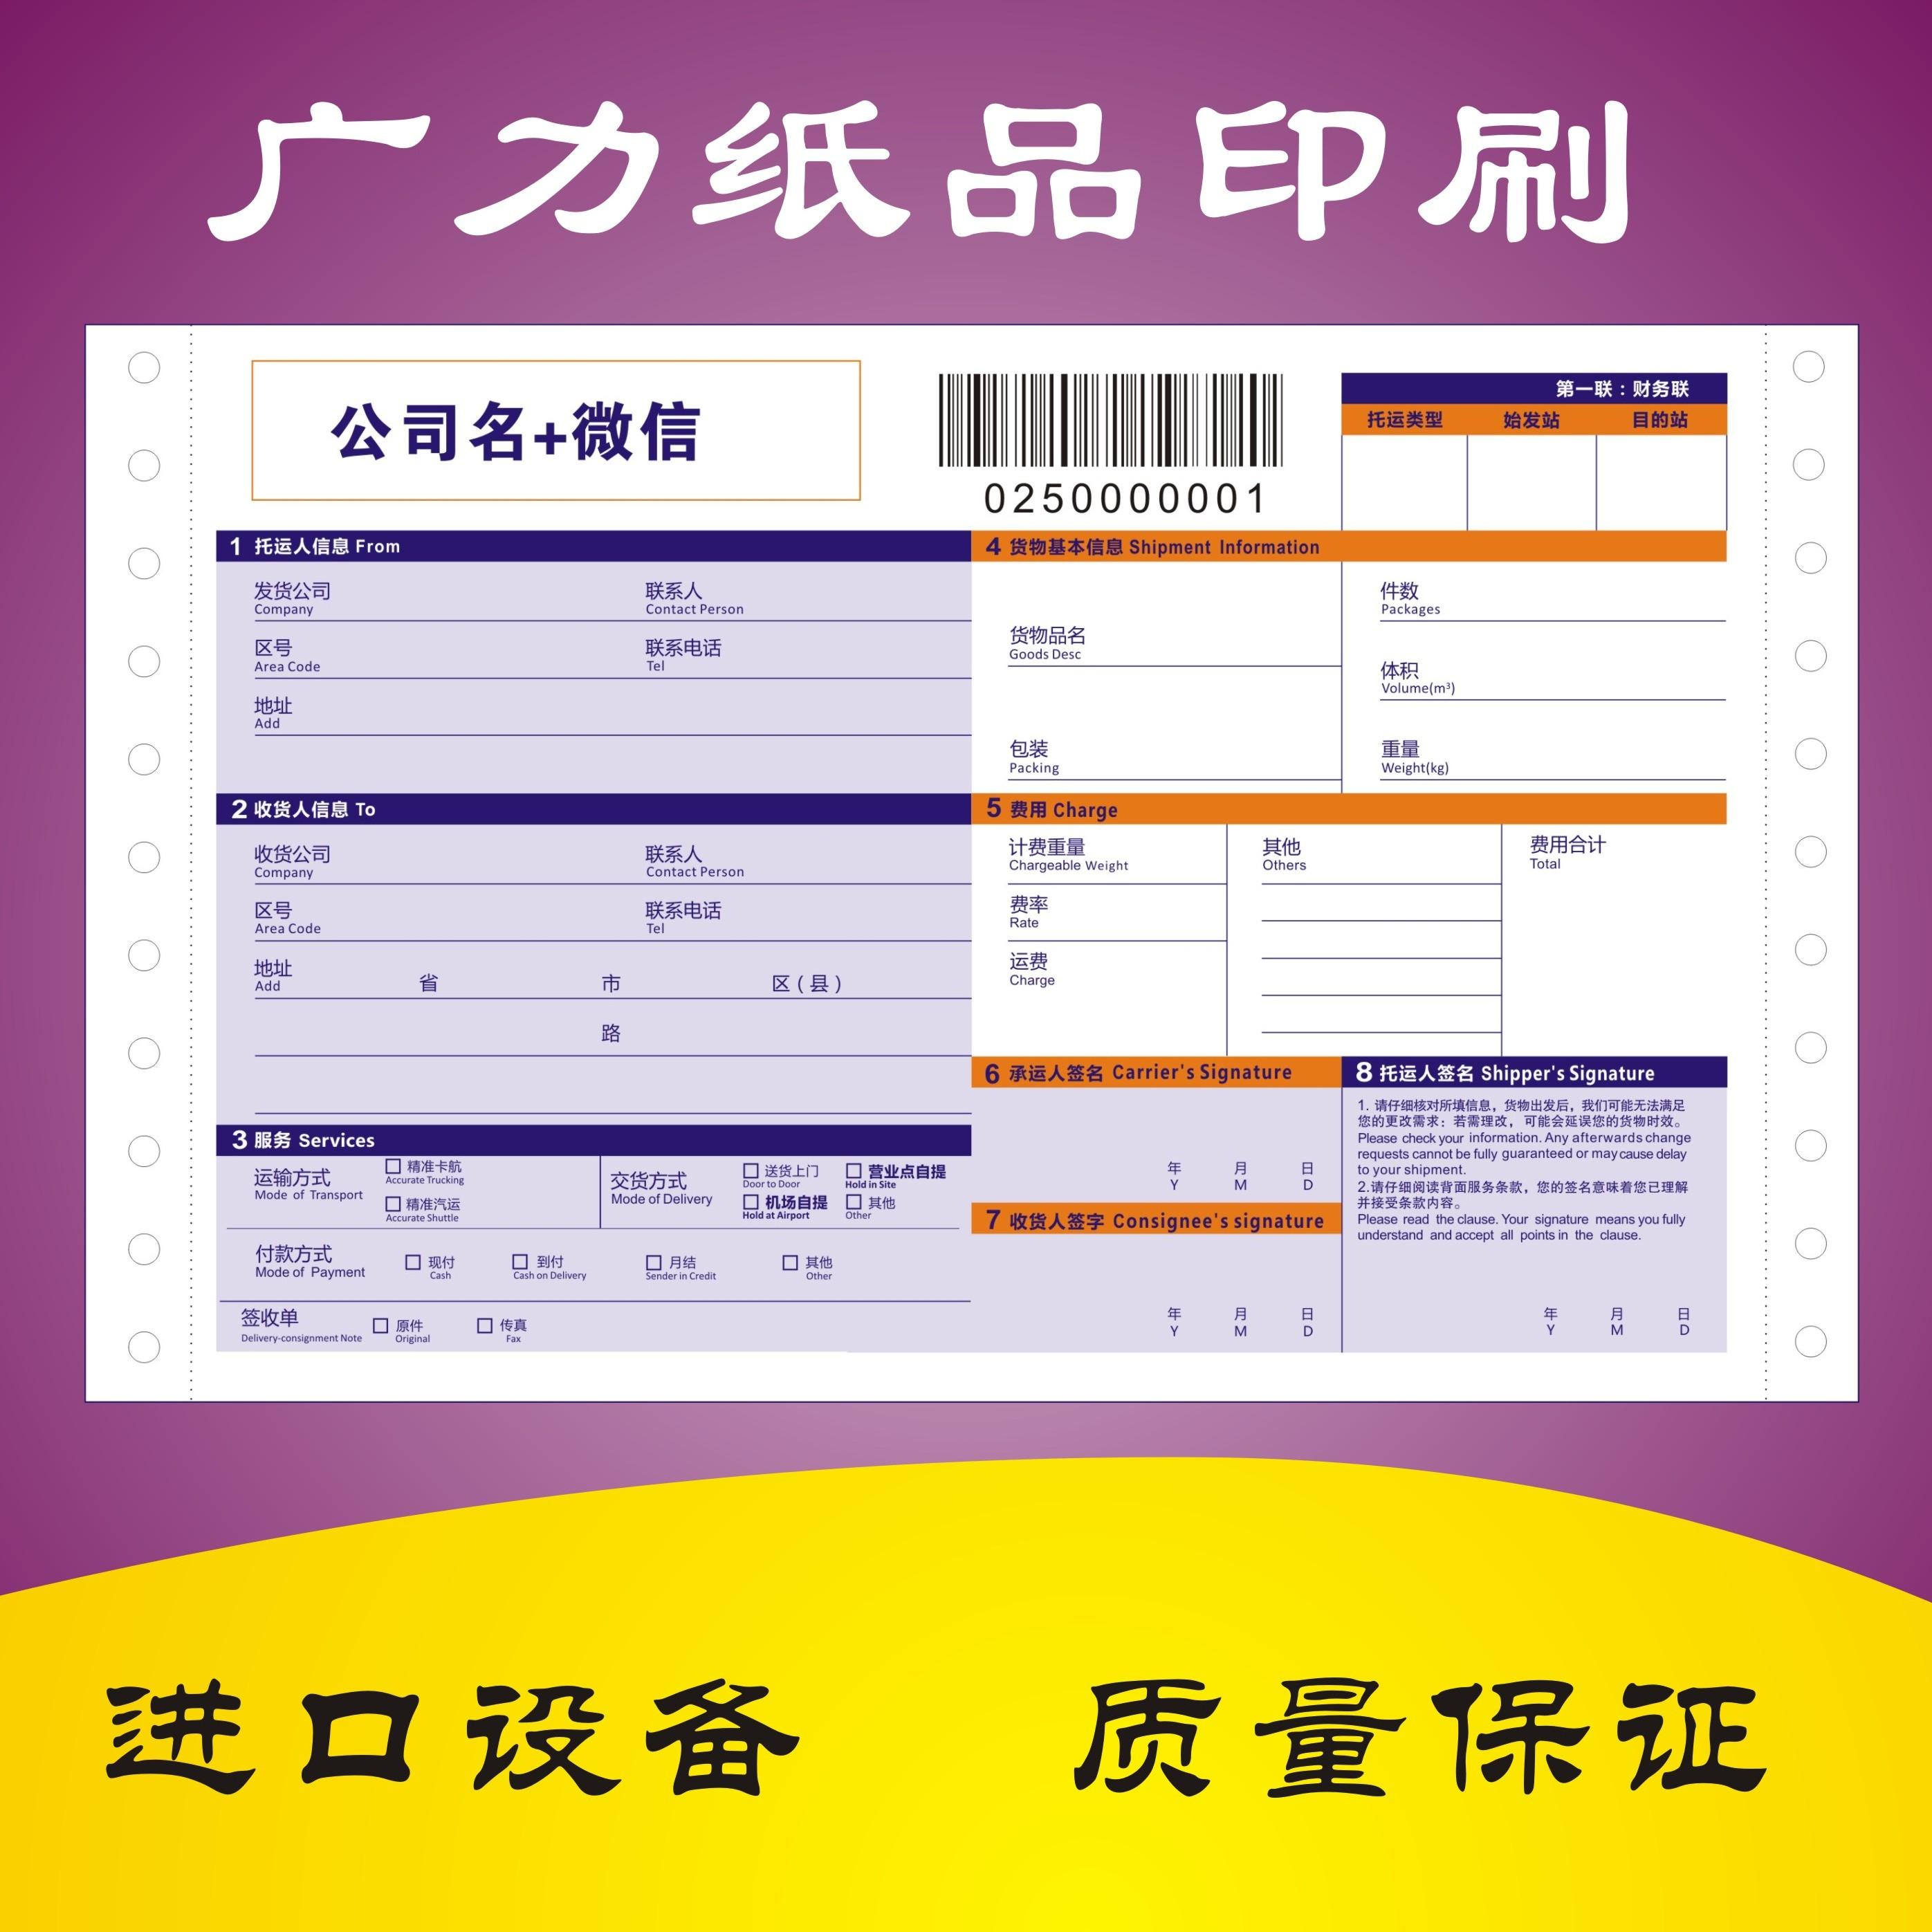 带孔小票印刷  广州广力带孔打印纸批发  带孔打印纸定做厂家